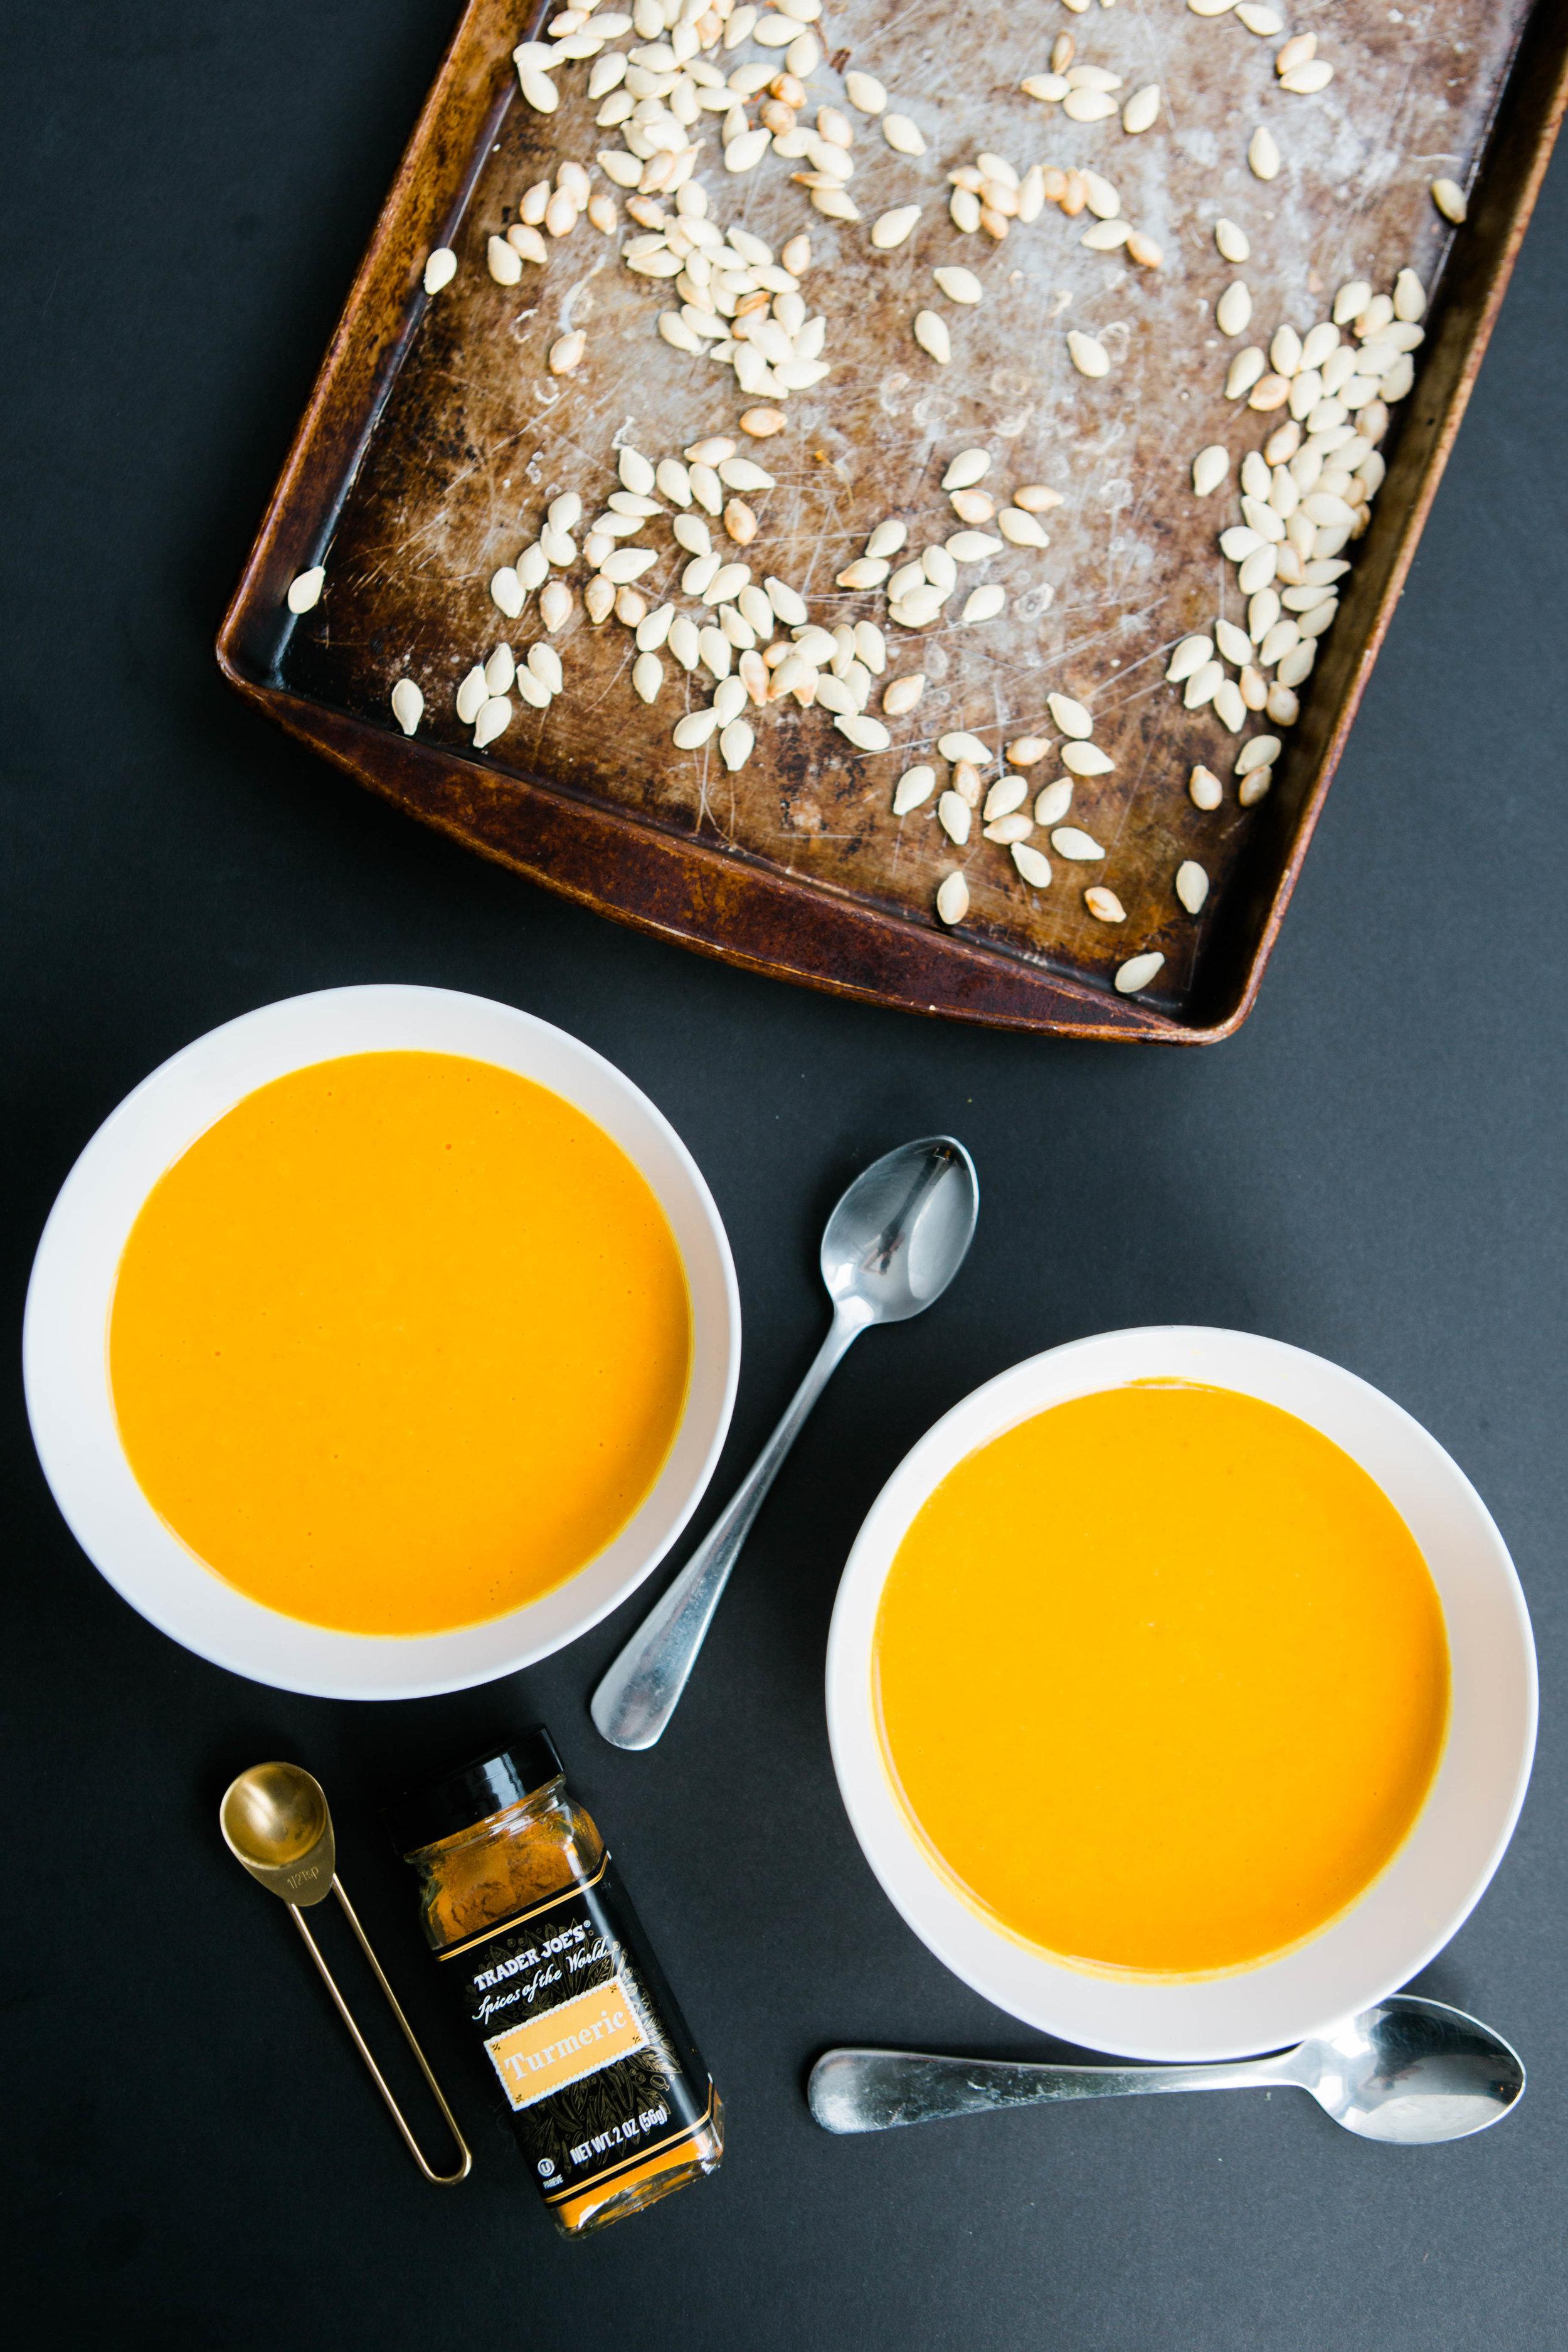 jennahazelphotography-golden-butternut-squash-soup-0453.jpg